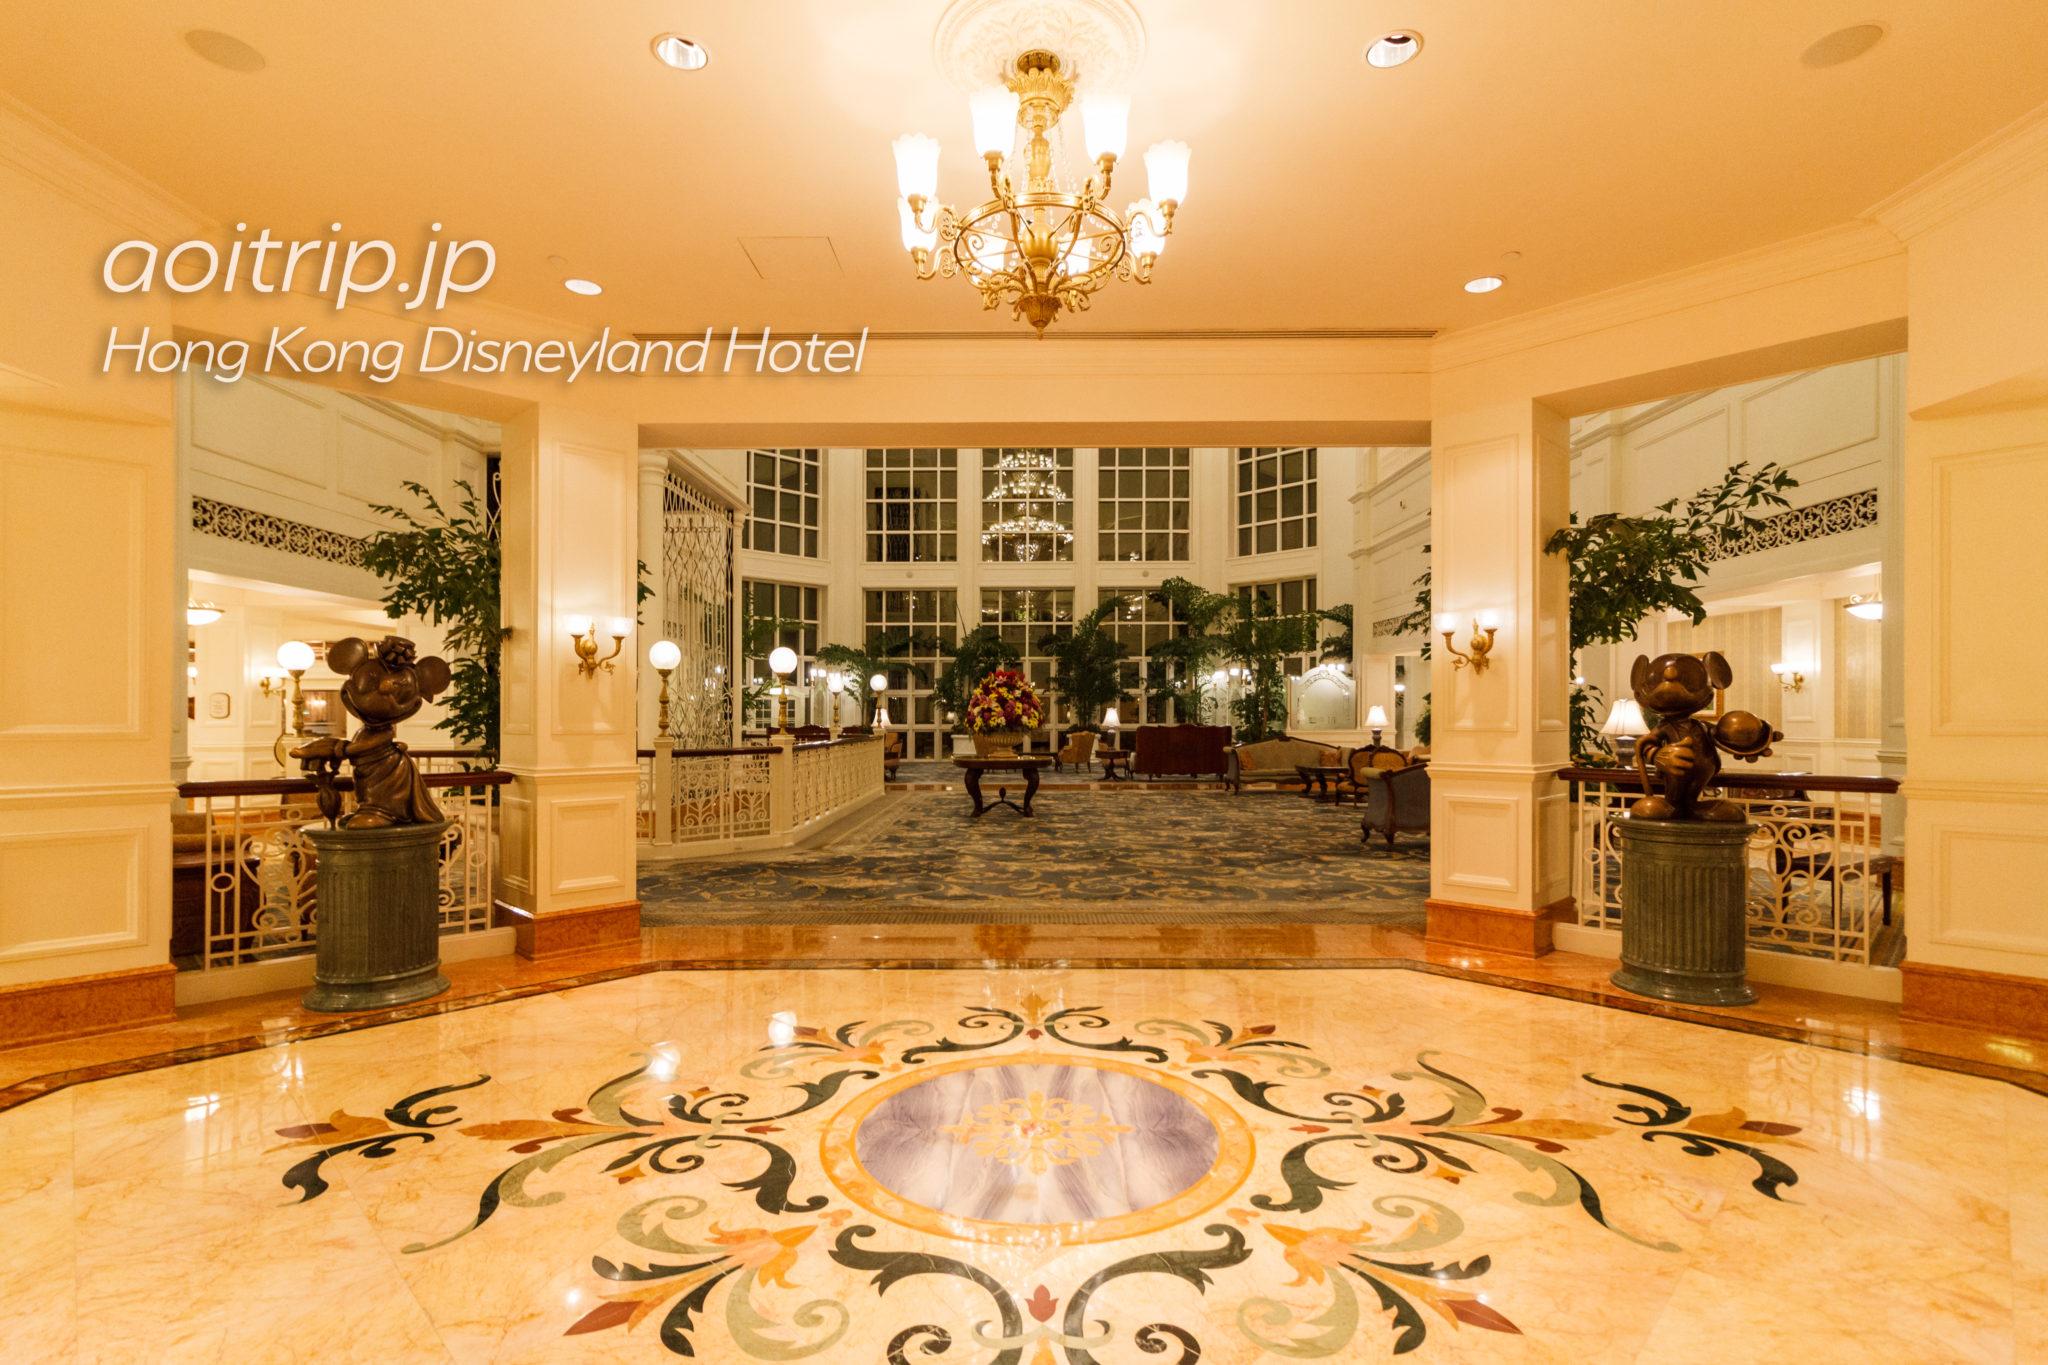 香港ディズニーランドホテルのロビー